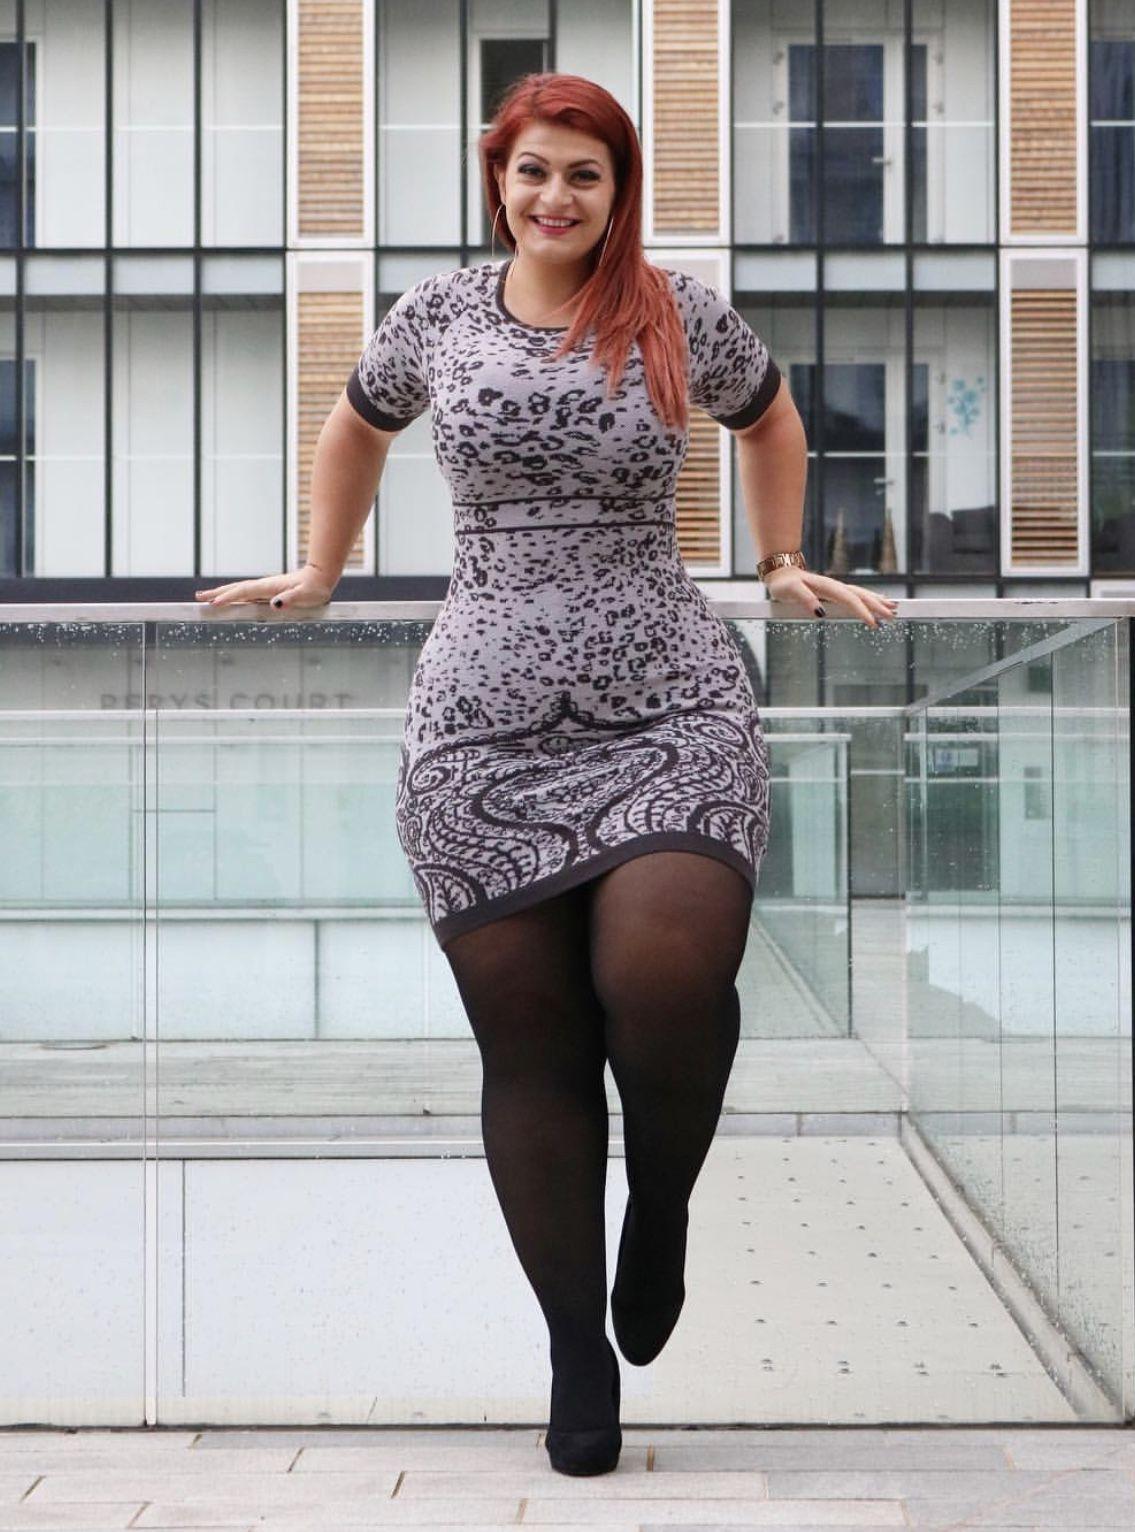 пословицы женщина с толстыми бедрами фото всех,кто